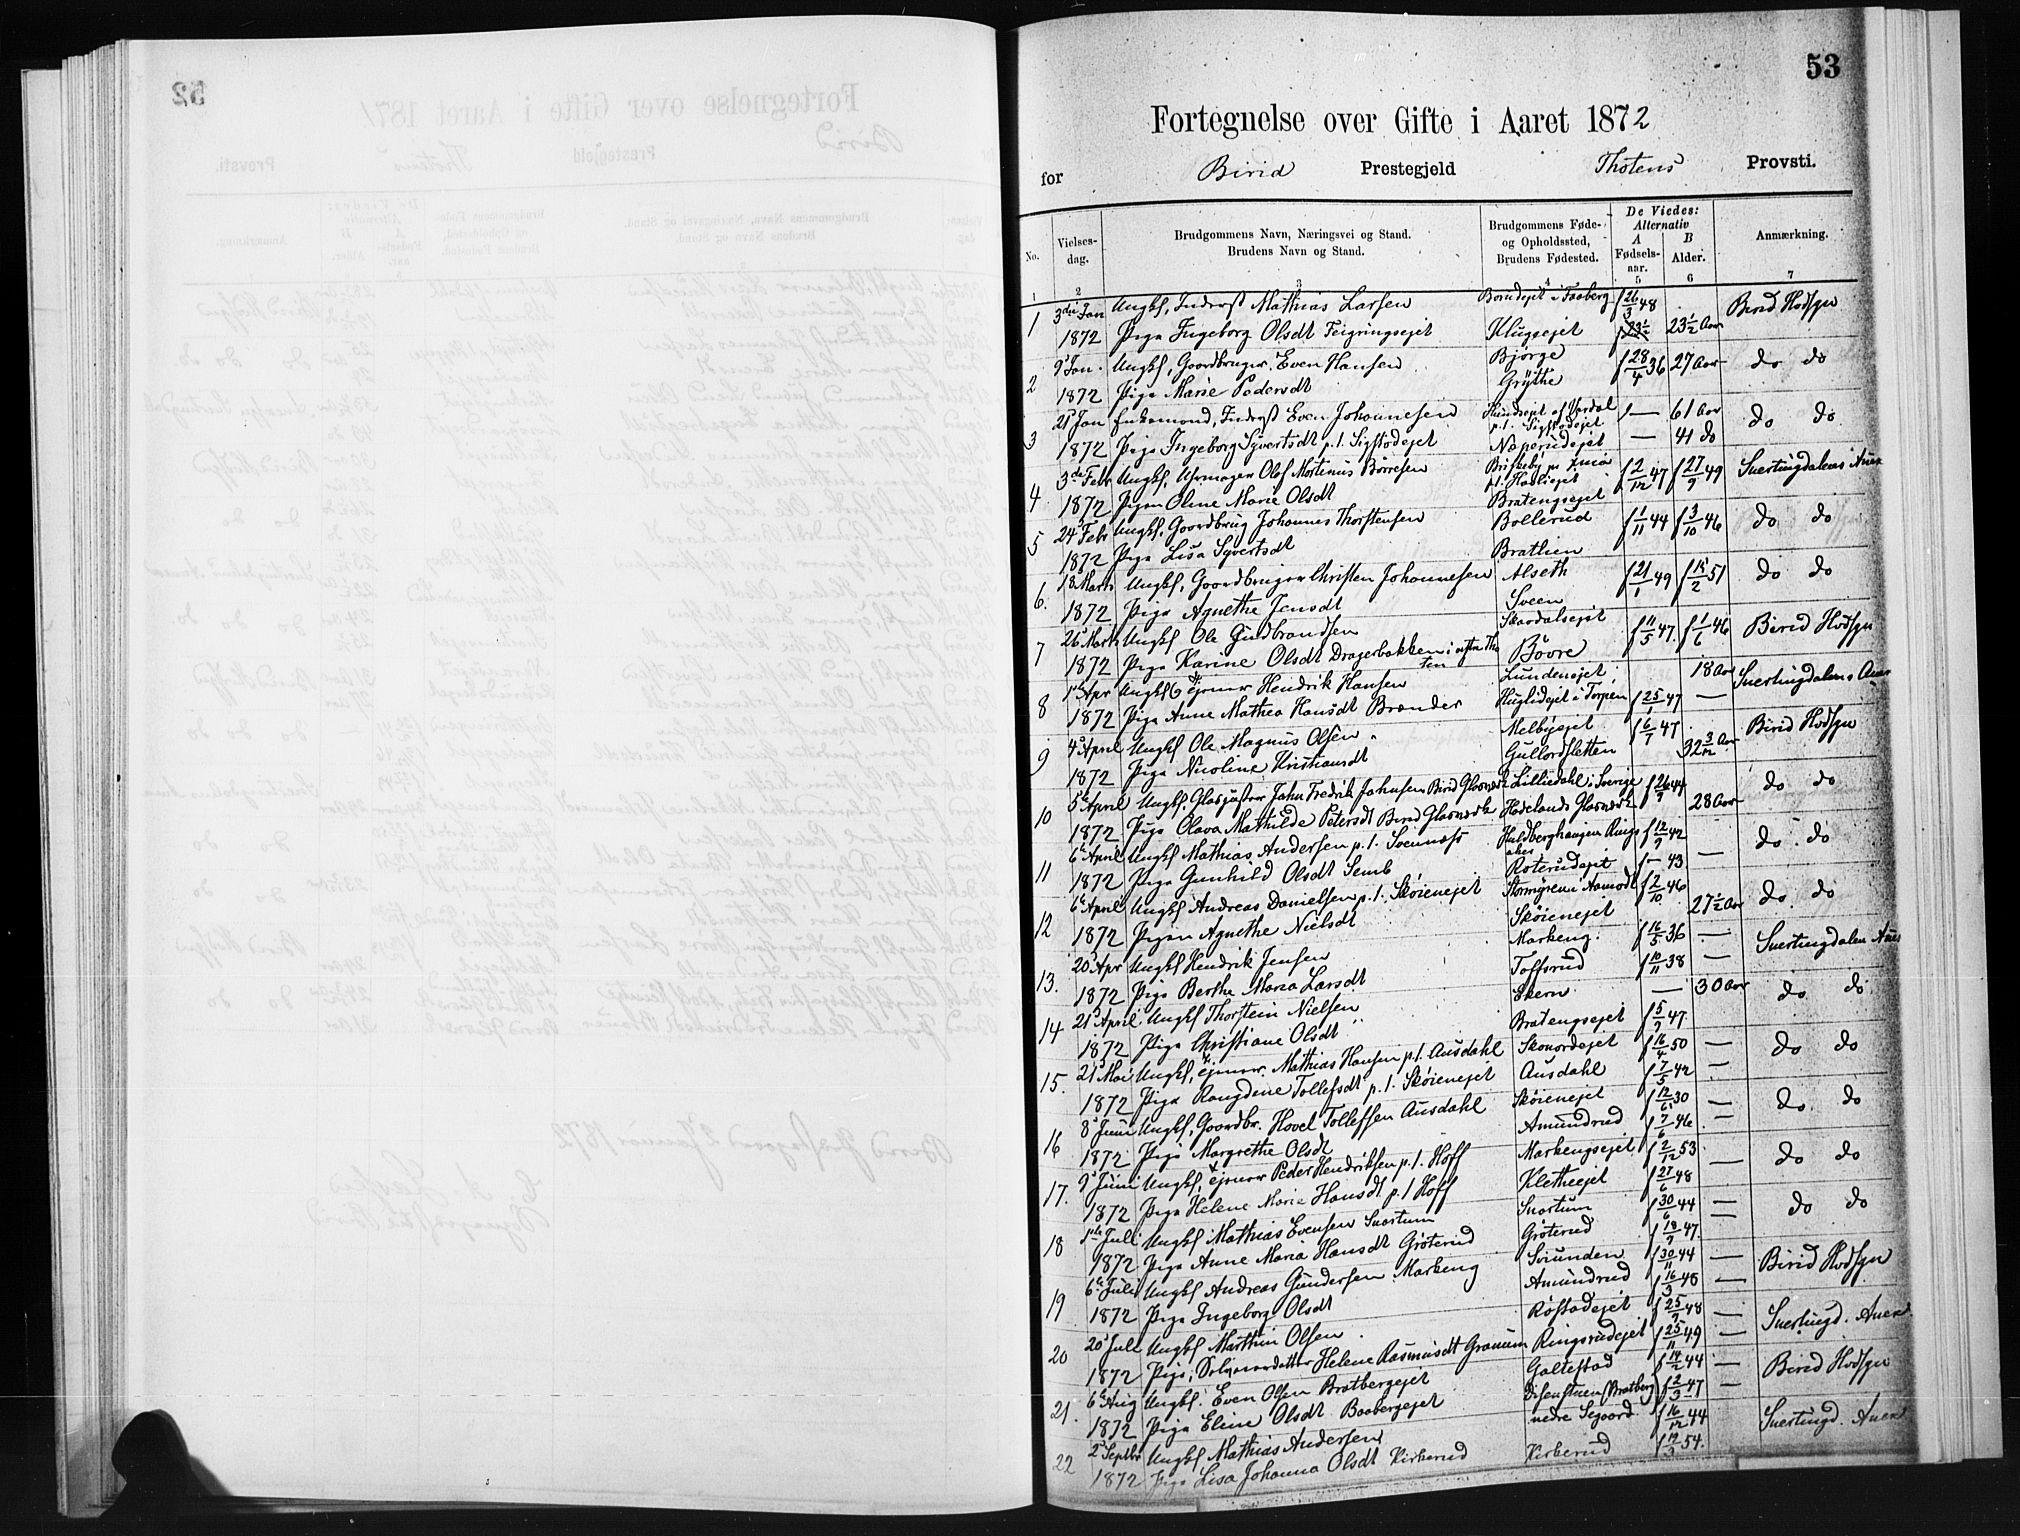 SAH, Biri prestekontor, Ministerialbok, 1866-1872, s. 53